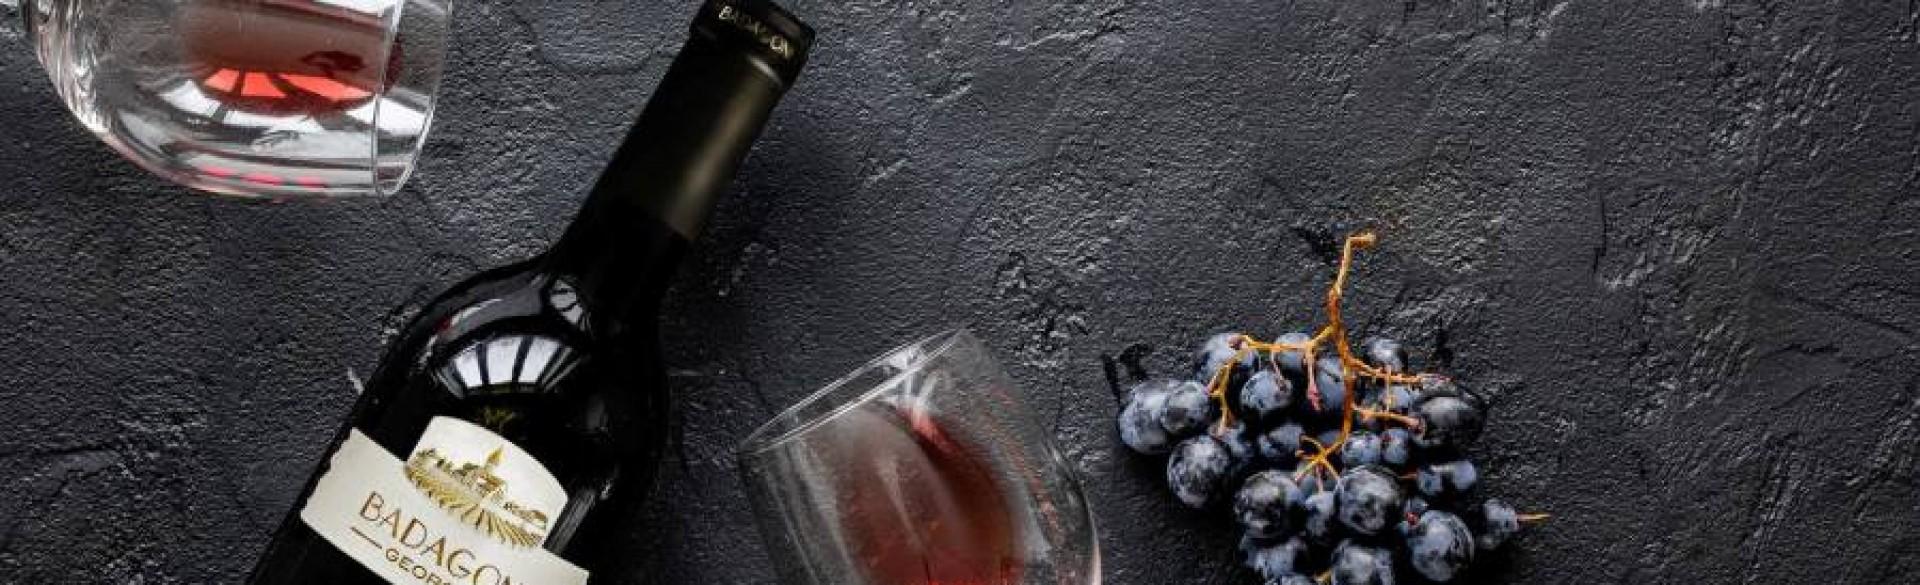 Красные вина BADAGONI